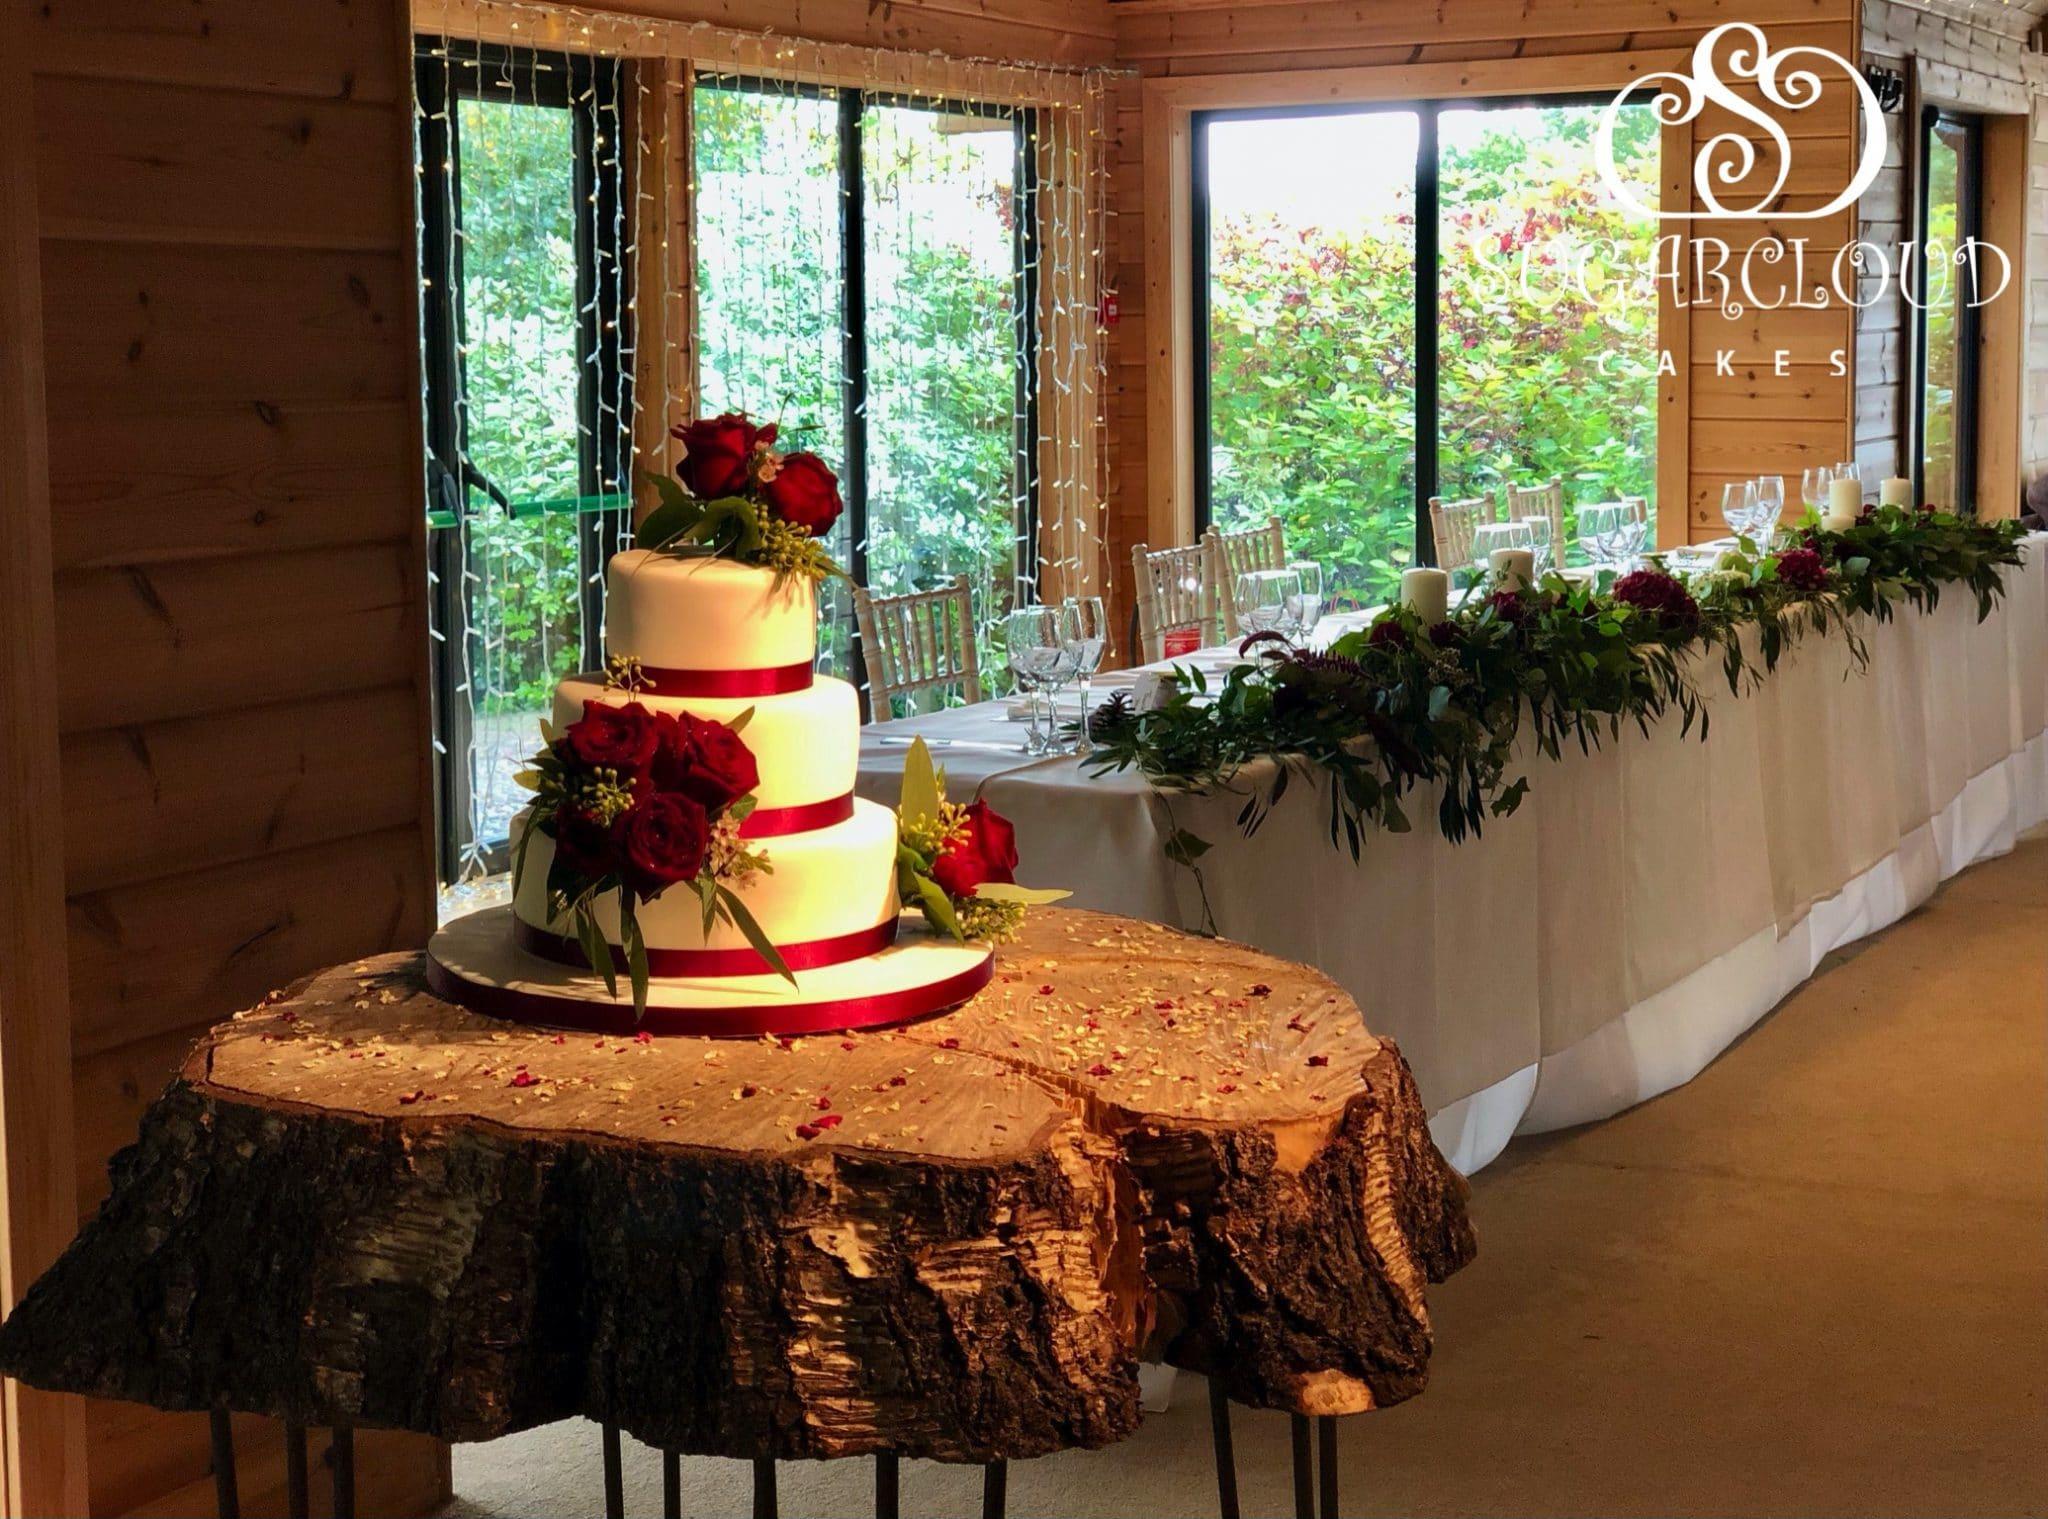 Megan and Shawn's Wedding at Styal Lodge